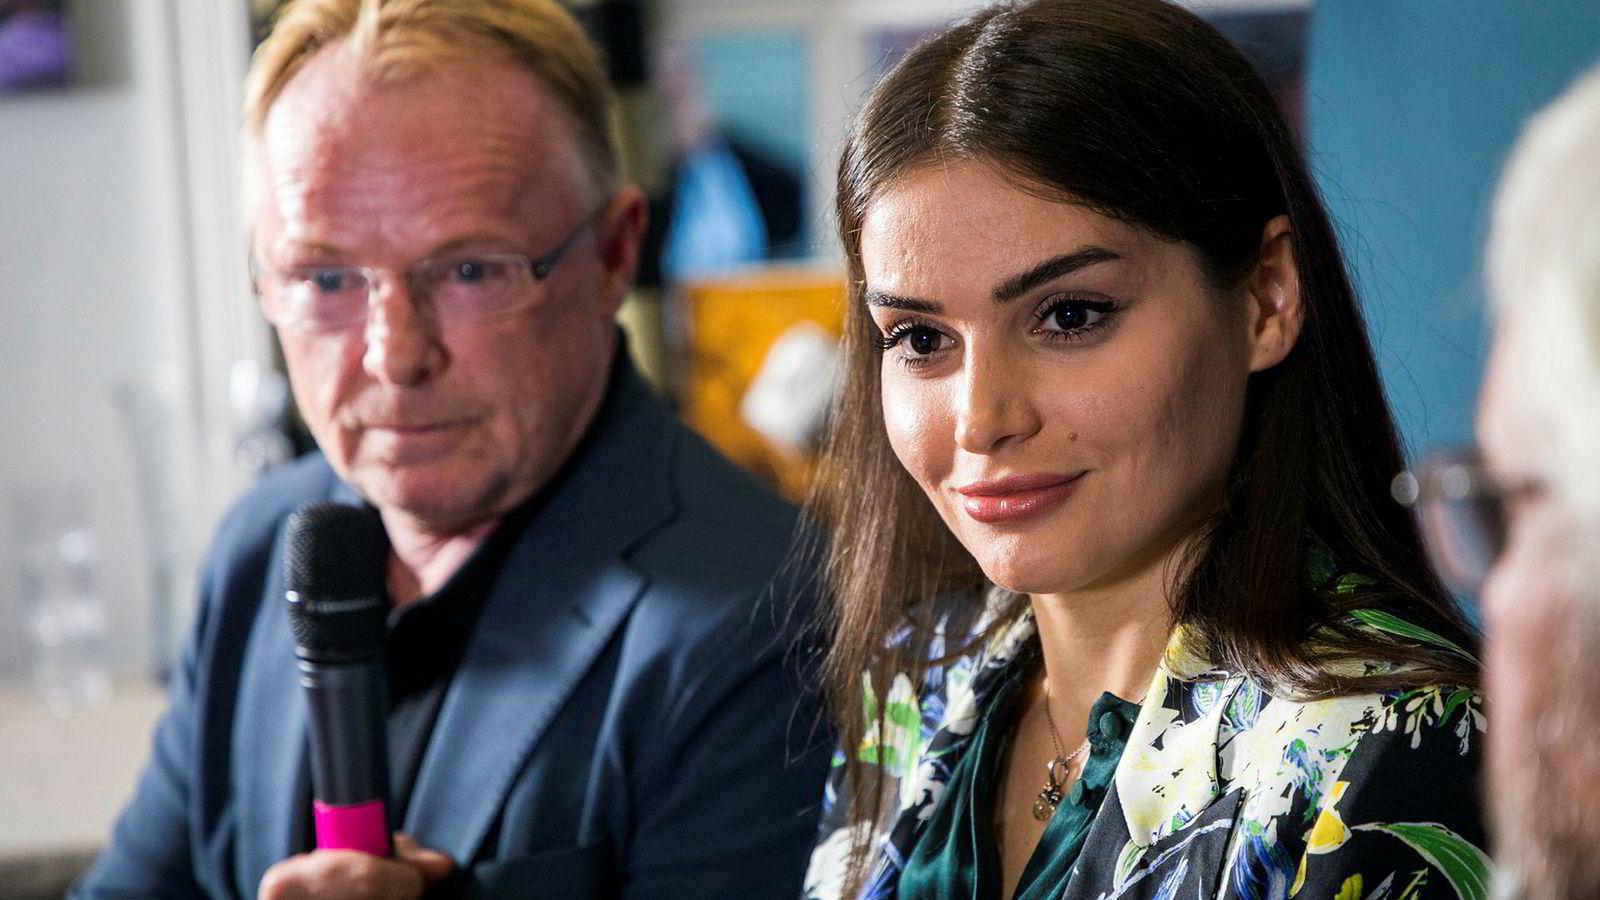 Tidligere fiskeriminister Per Sandnes (Frp) og kjæresten Bahareh Letnes er Googles liste over toppsøk i år.